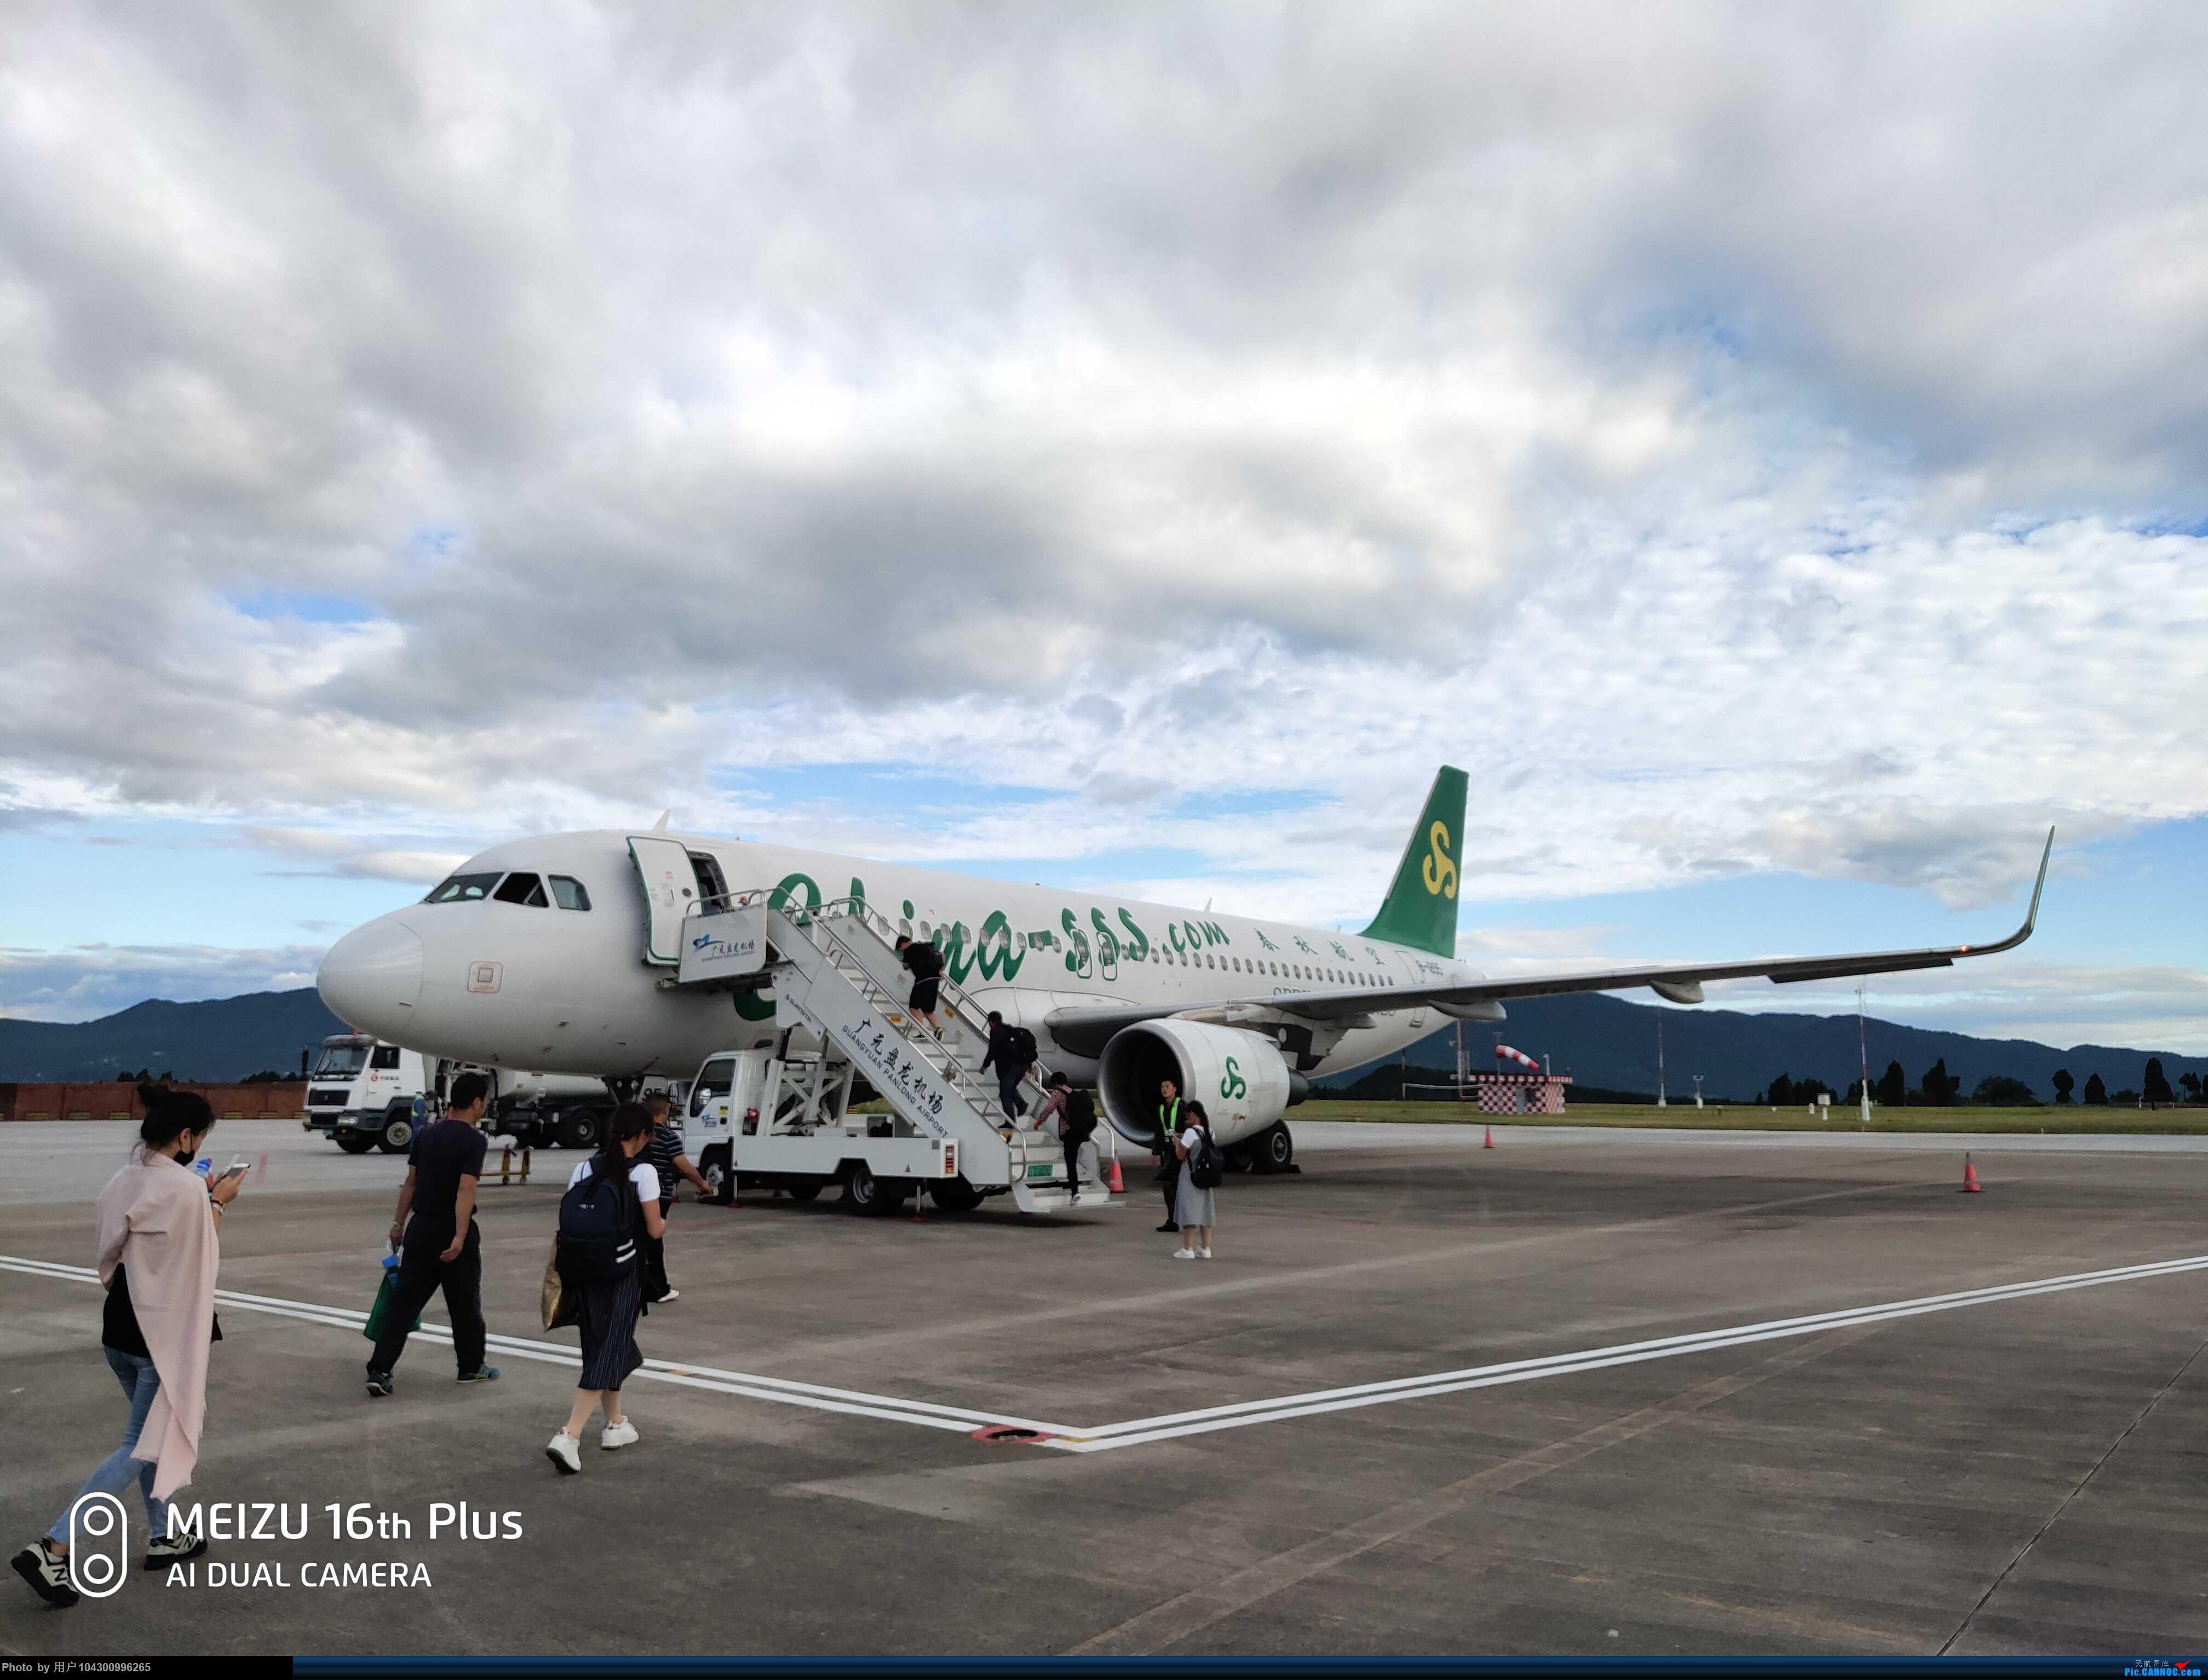 Re:[原创]DM游记之9C广元--贵阳 AIRBUS A320-200 B-1895 中国广元盘龙机场